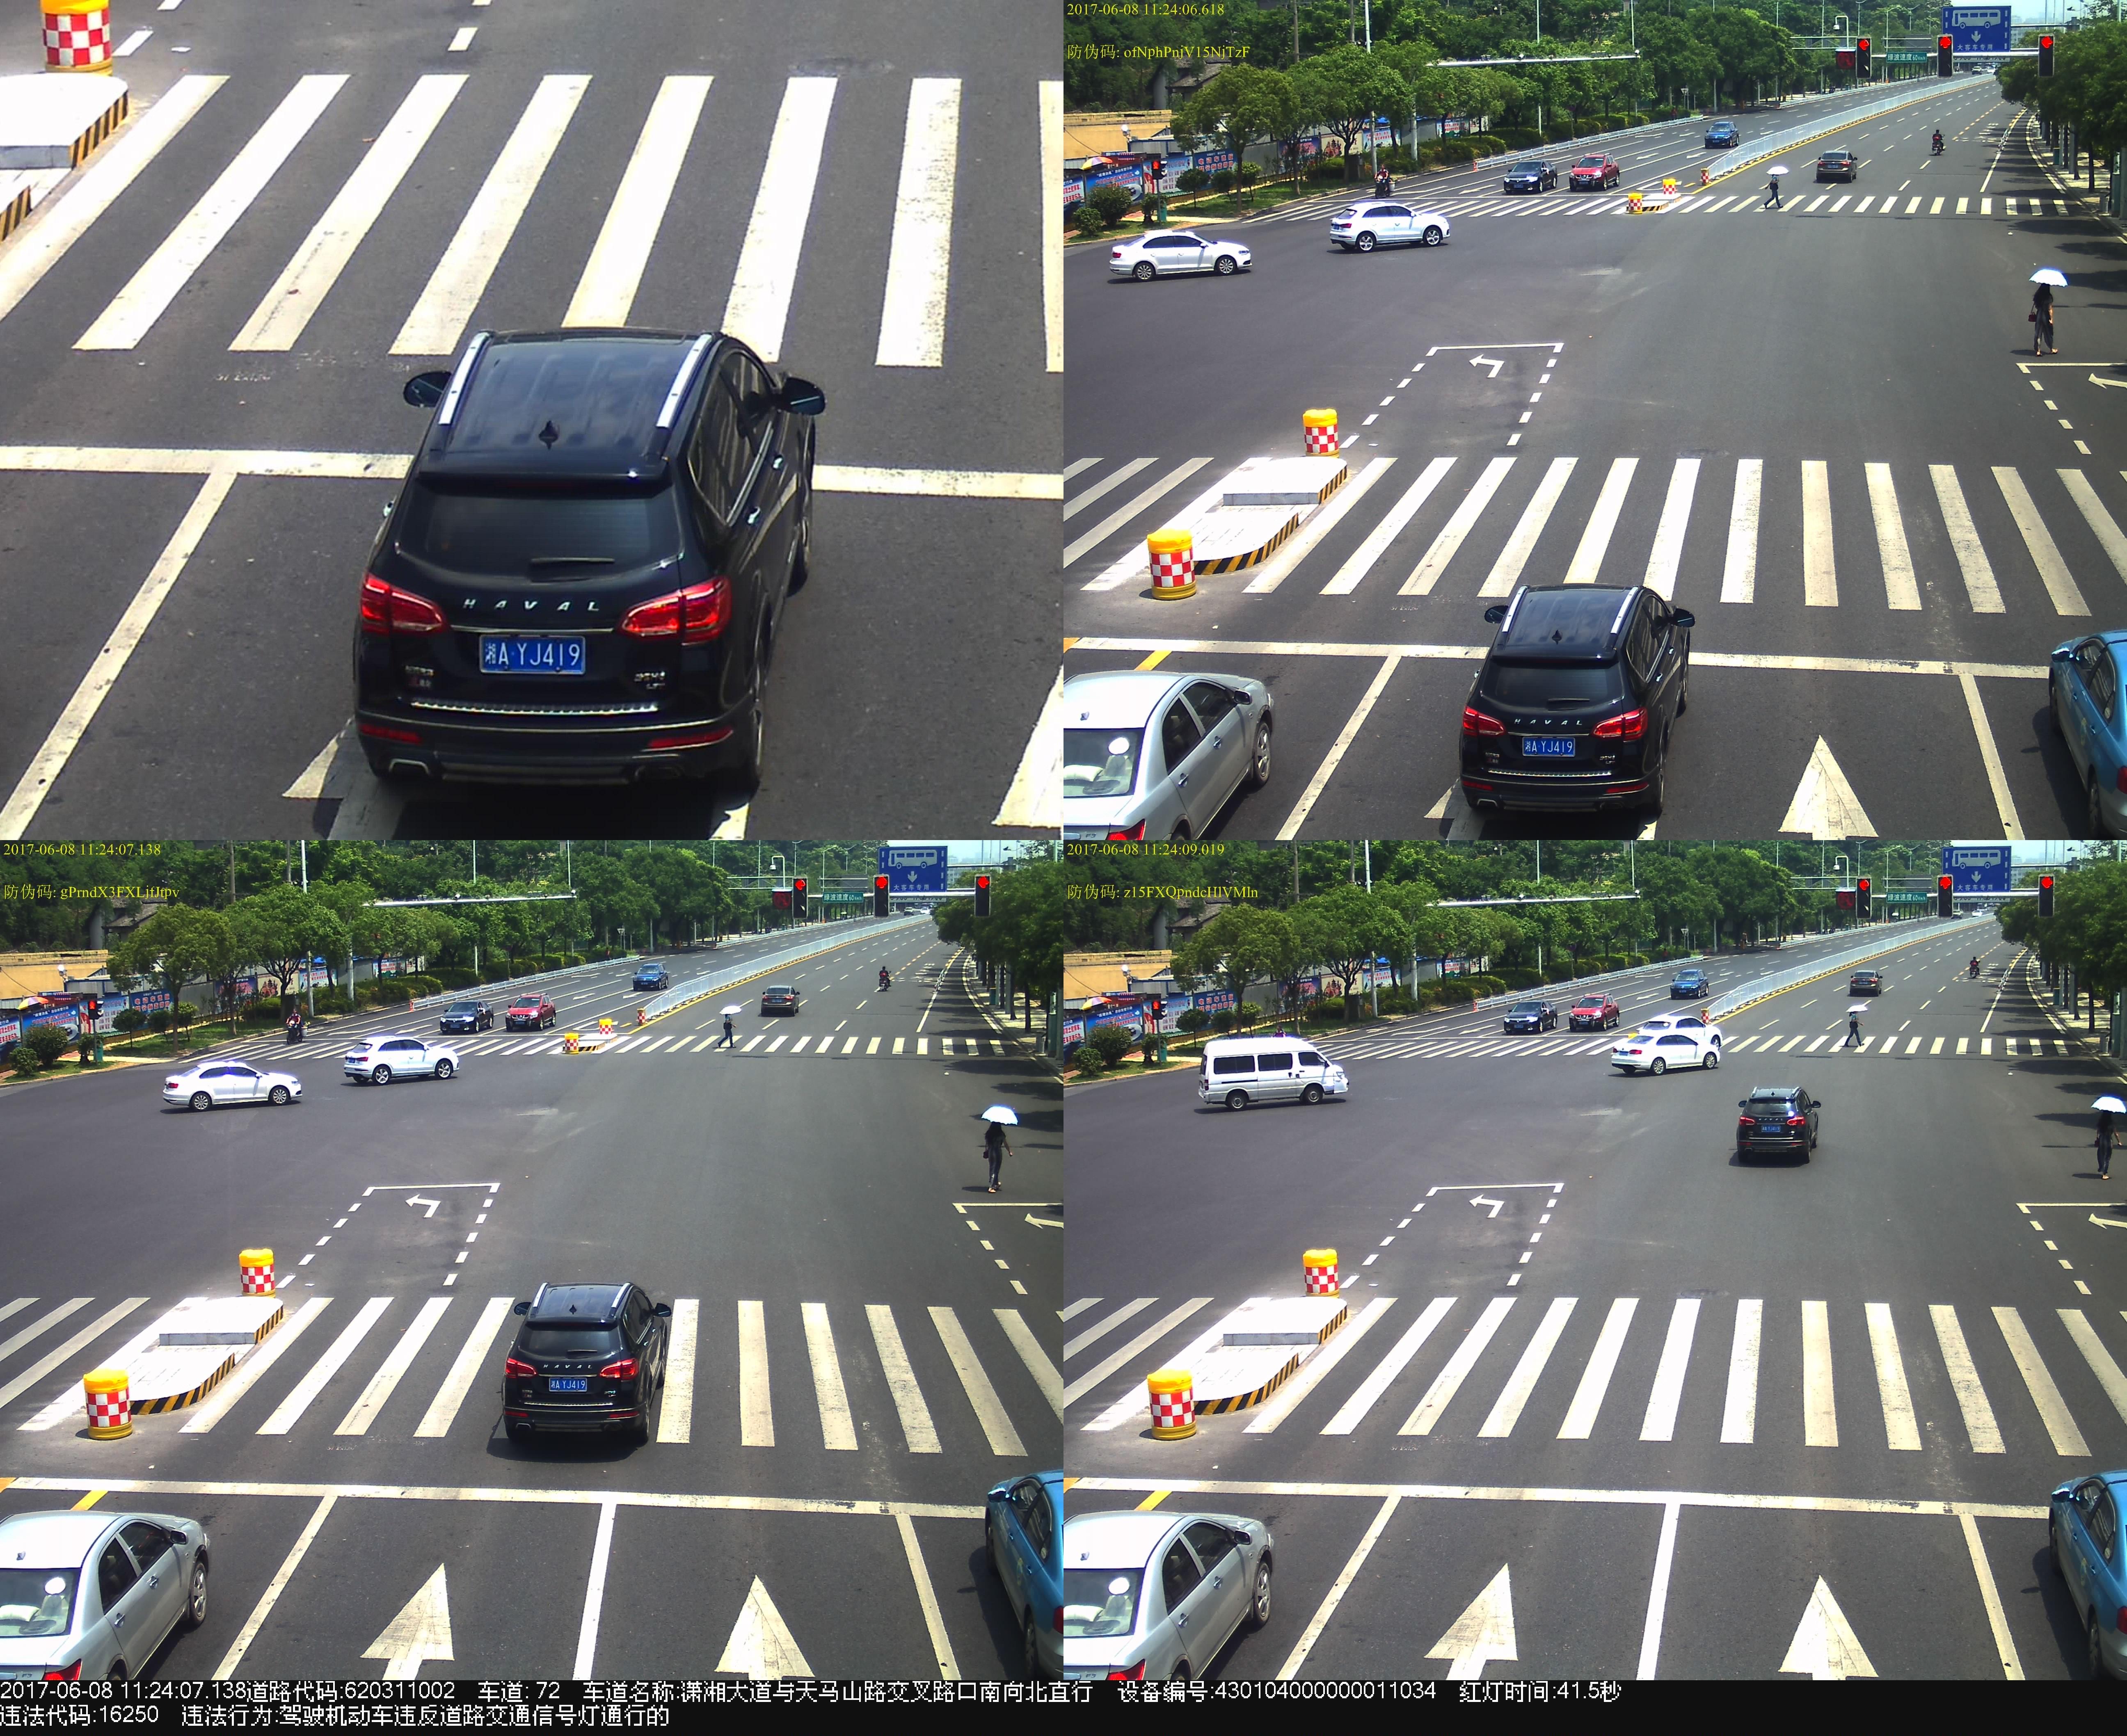 机动车�y`�K�>yJ���n�_交通违法曝光台  机动车不按交通信号灯规定通行 车牌,车型:湘ayj419